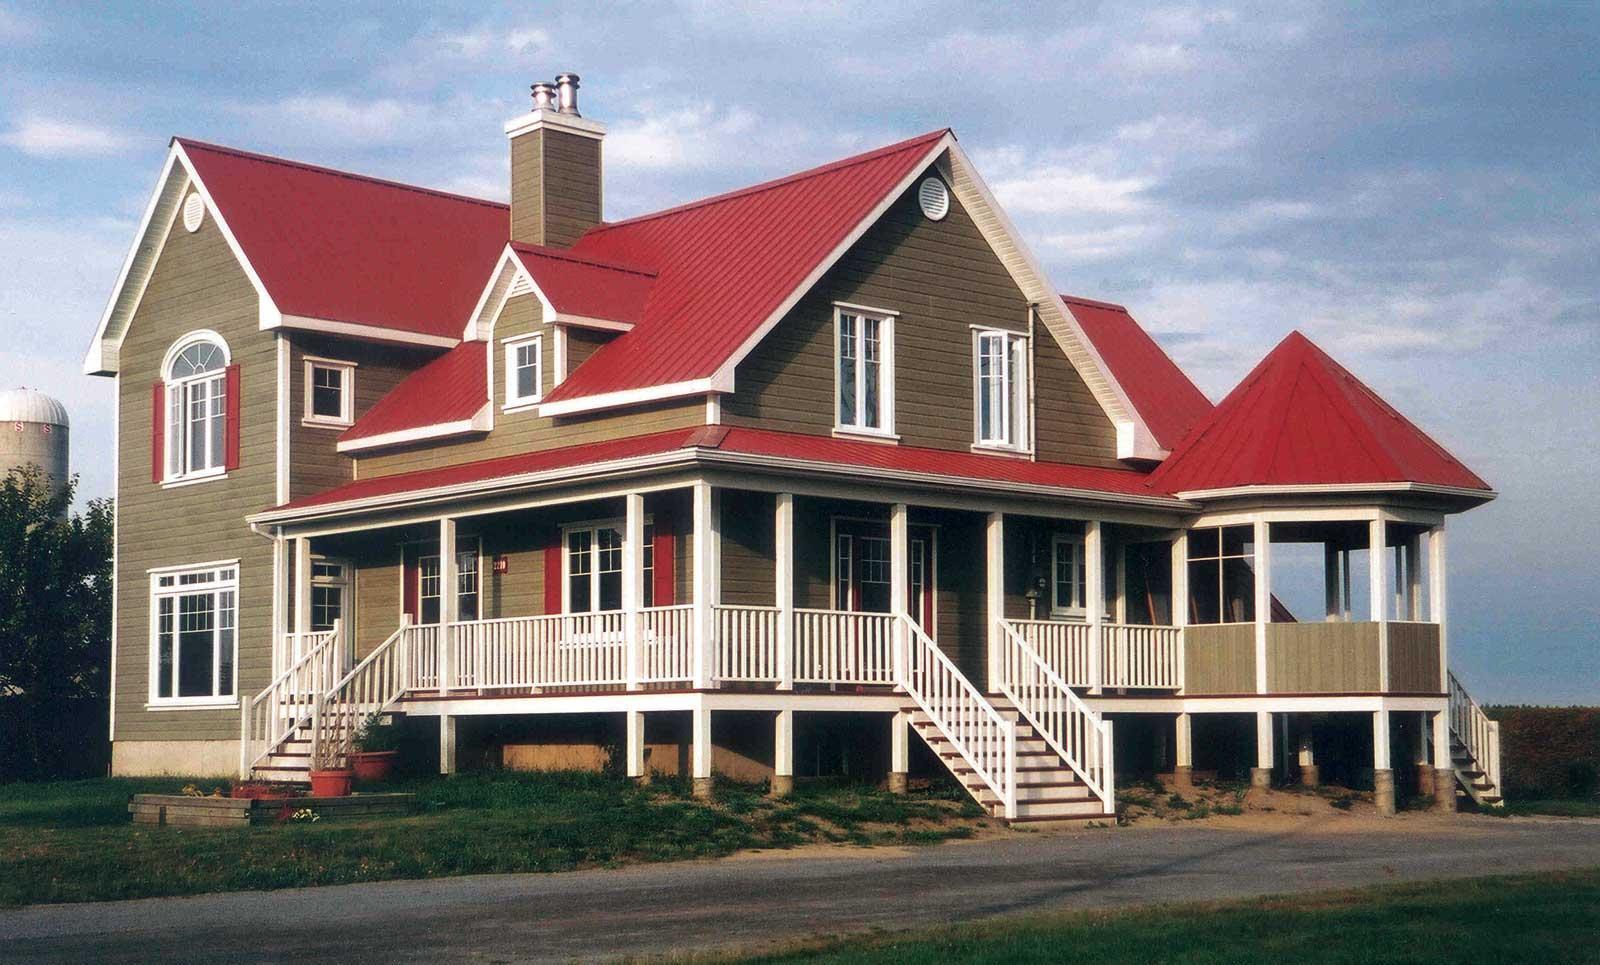 Nhà 2 tầng với mái tôn cách nhiệt màu đỏ đậm